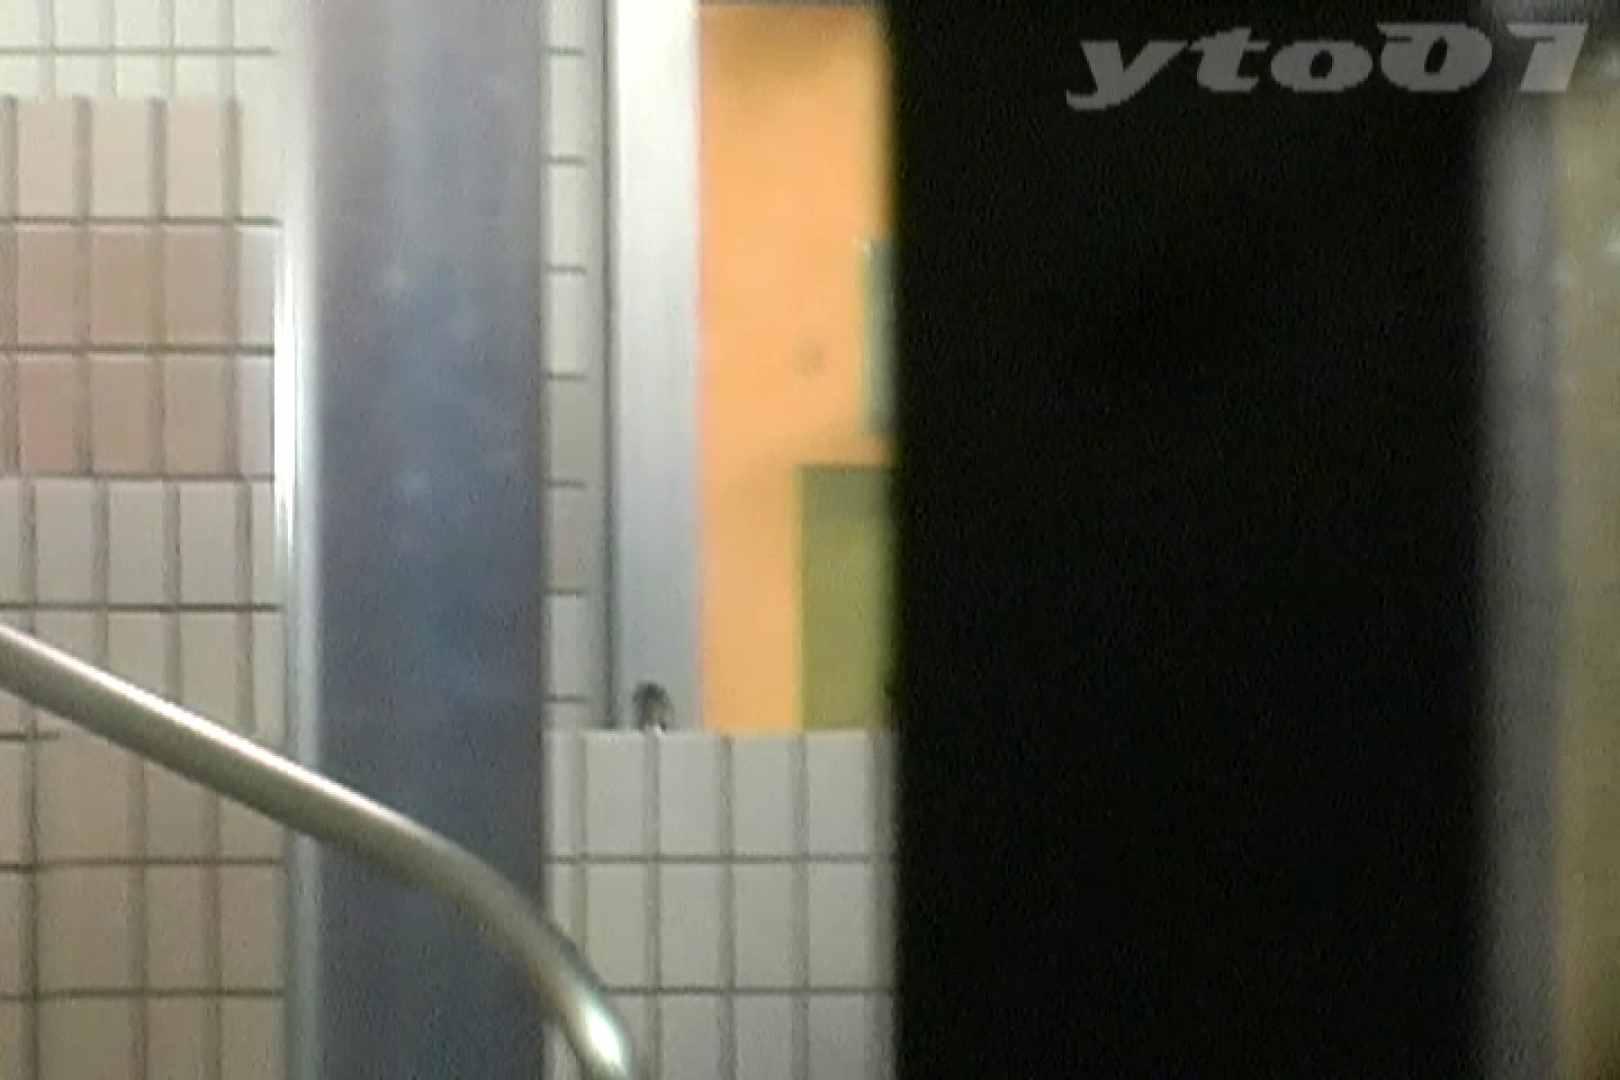 ▲復活限定▲合宿ホテル女風呂盗撮 Vol.02 女風呂 AV無料動画キャプチャ 70PIX 61